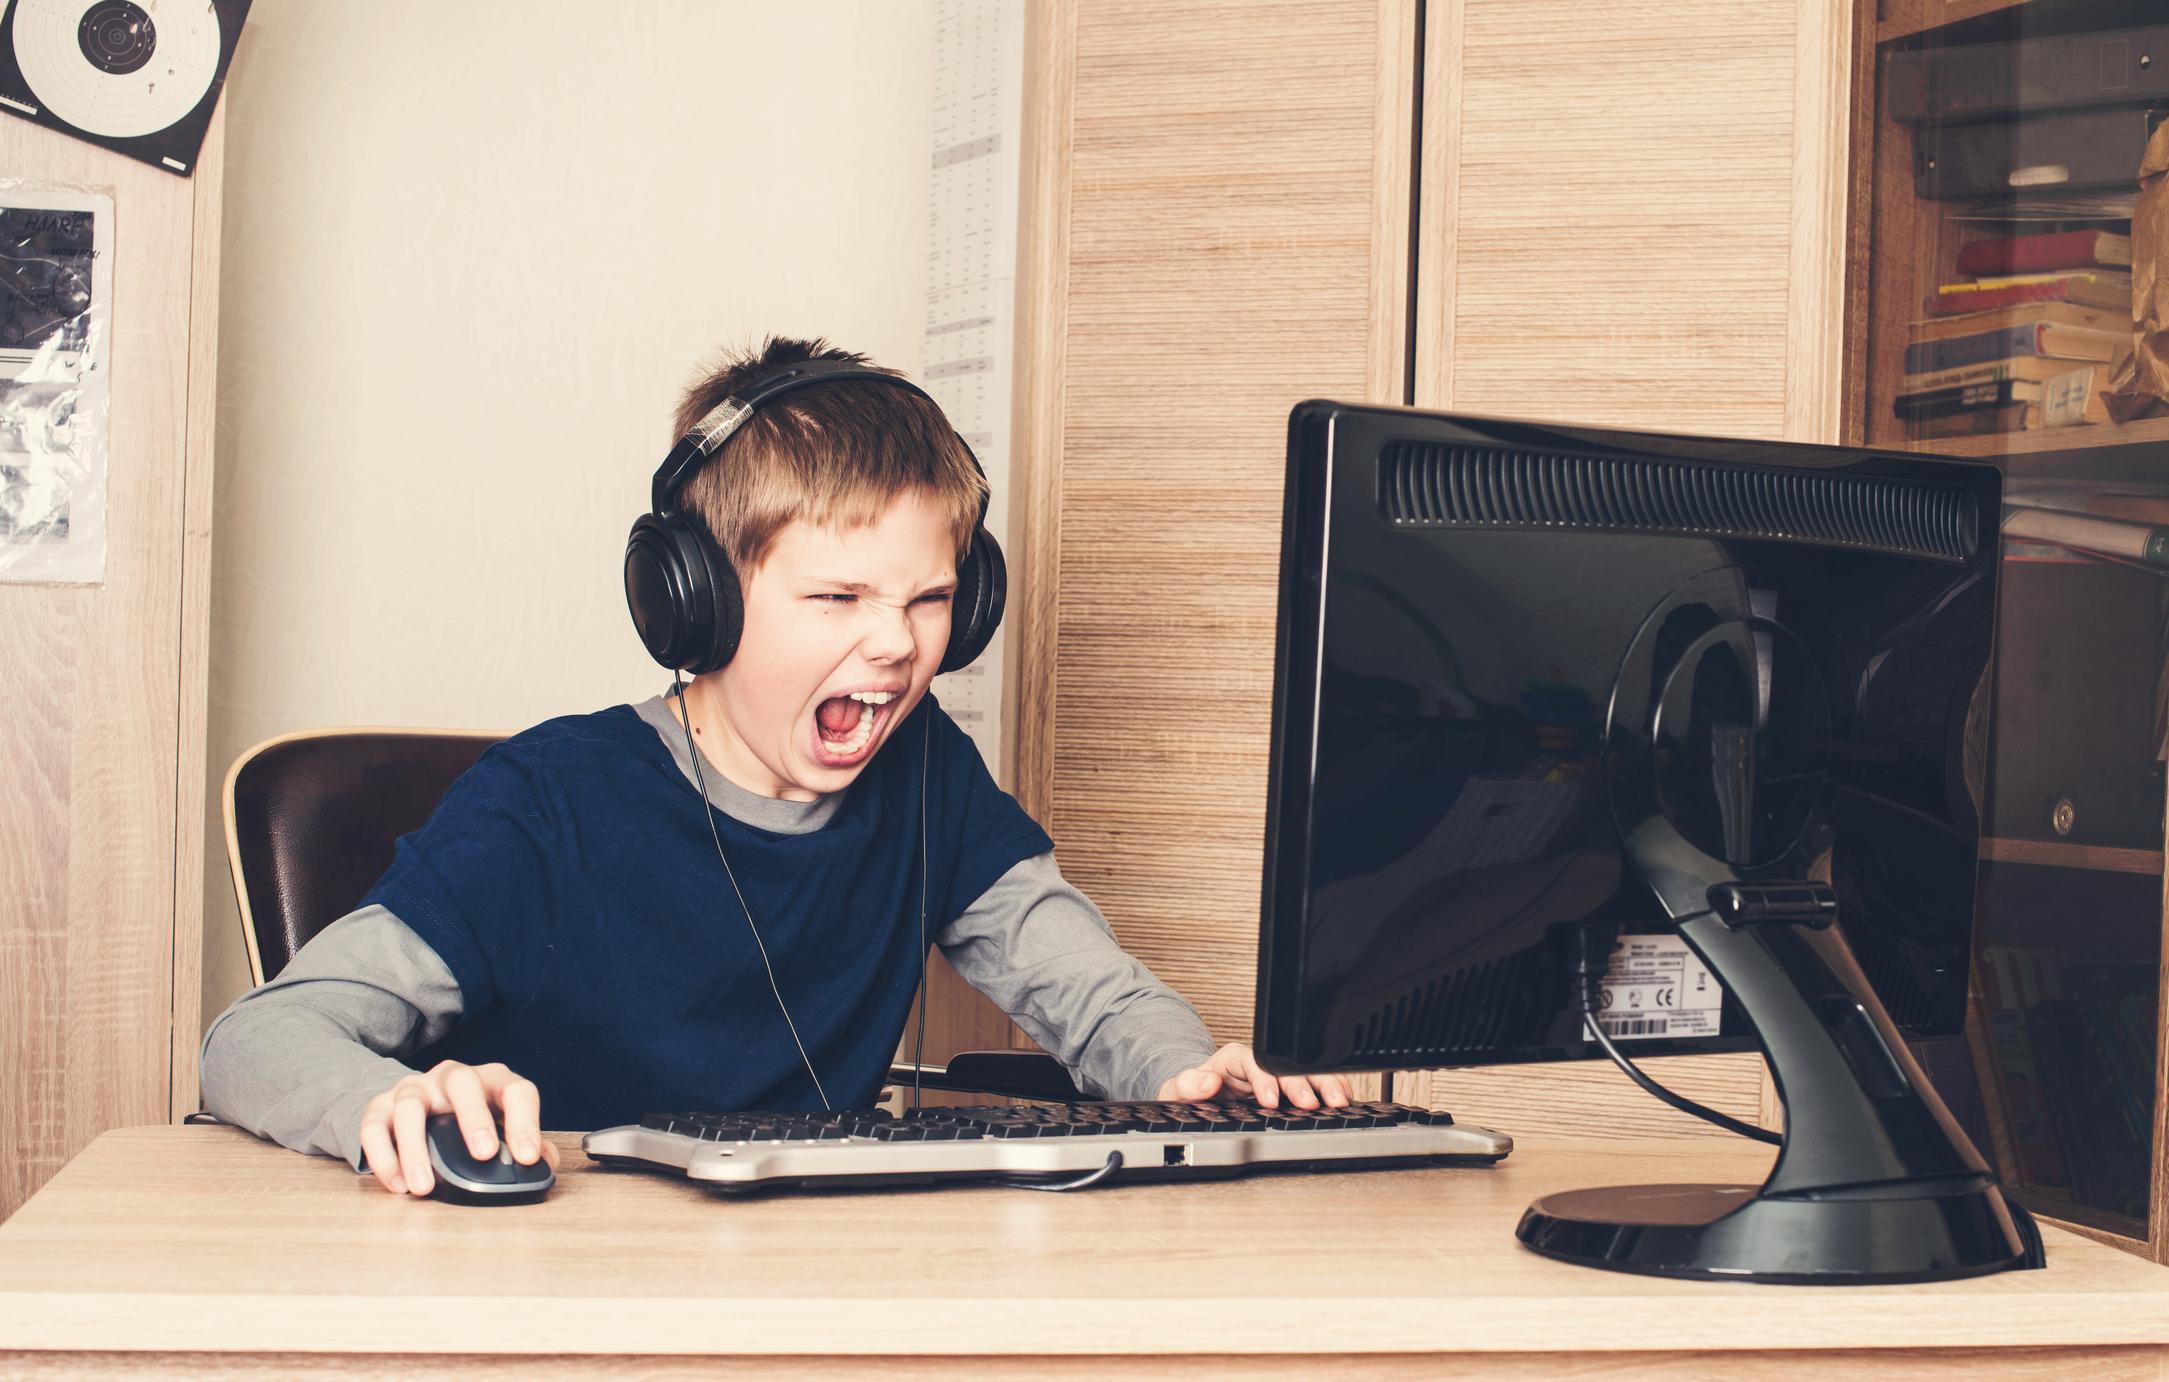 Меня анимация, картинки компьютерных игр детских